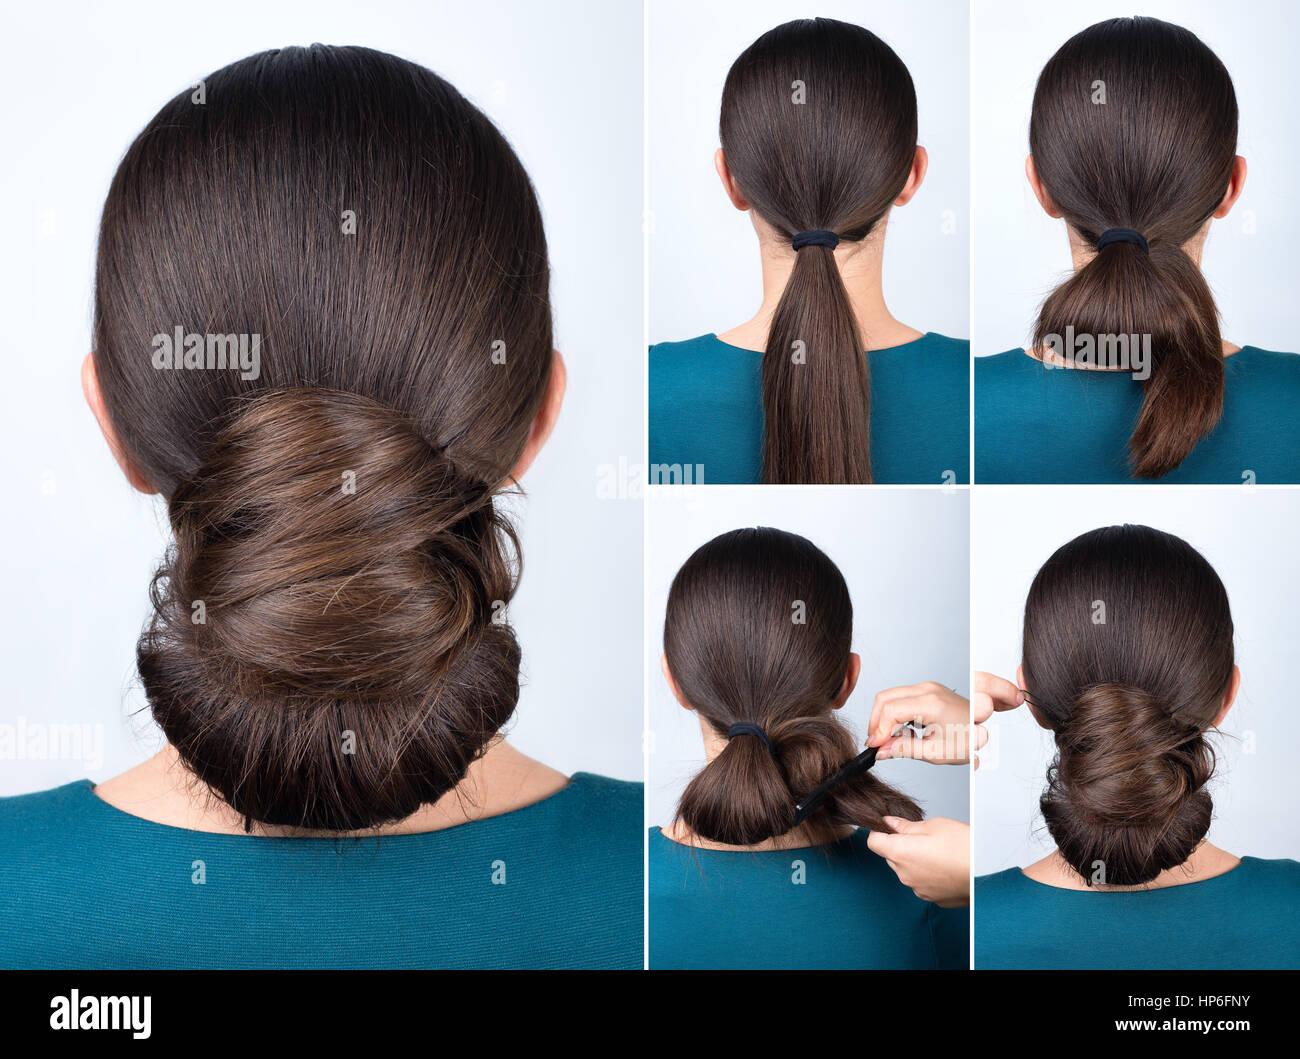 Frisur Tutorial Elegant Verdrehten Brotchen Frisur Einfach Dutt